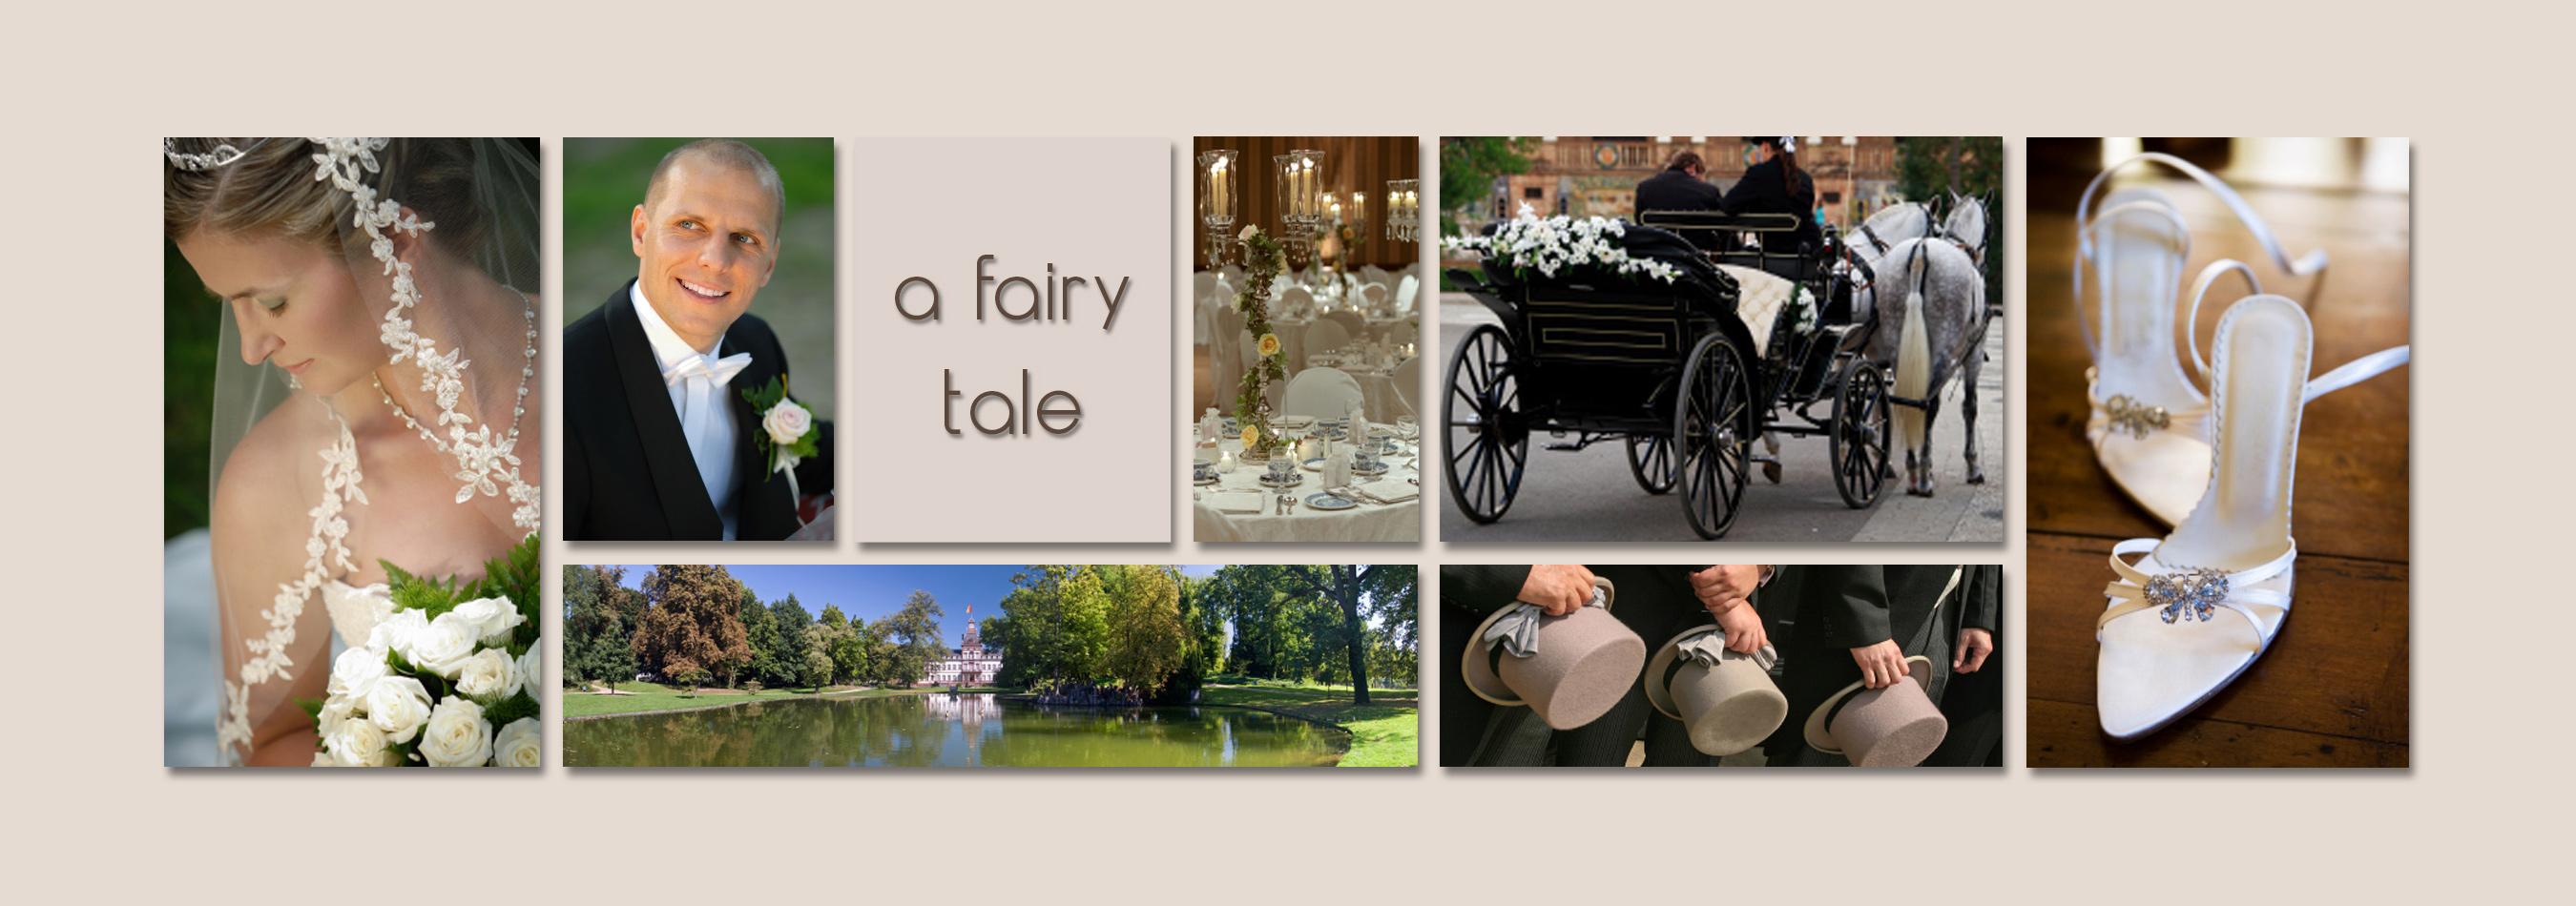 01_a-fairy-tale.jpg